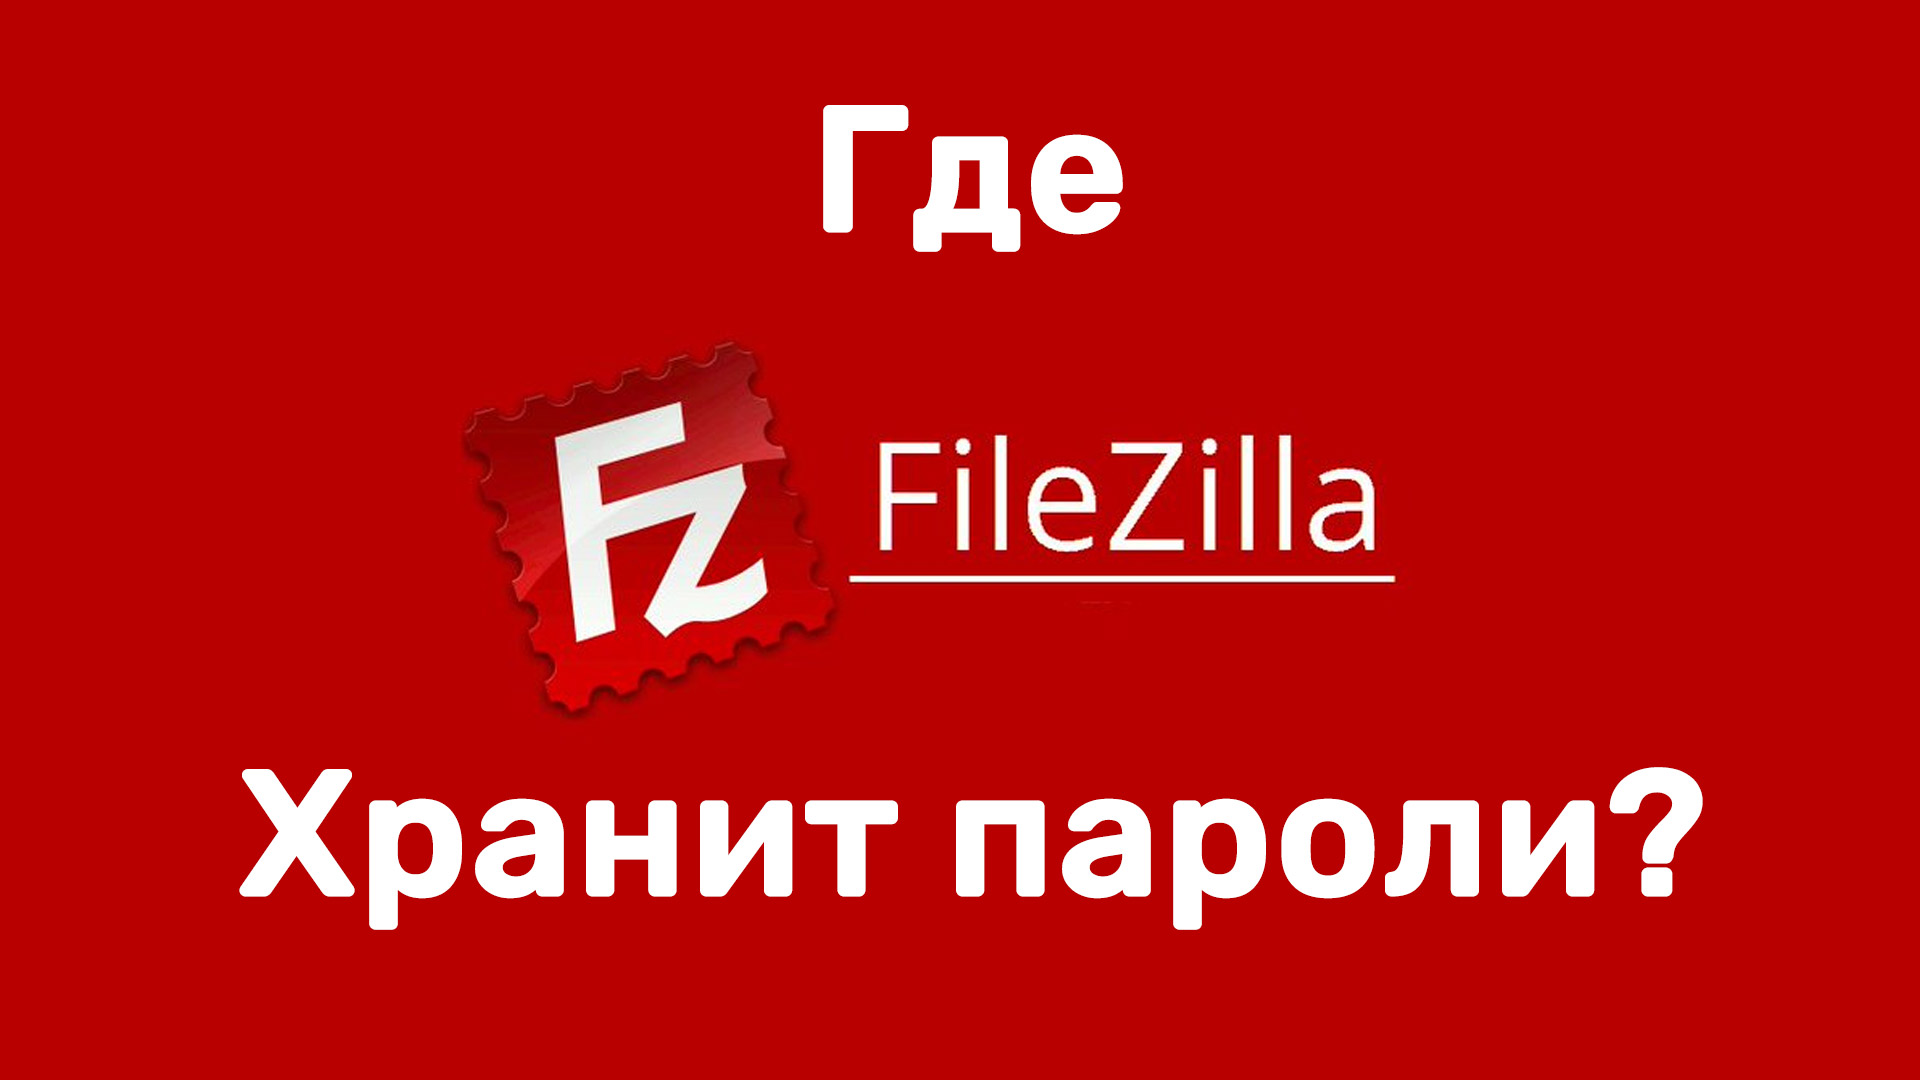 Пароль в filezilla